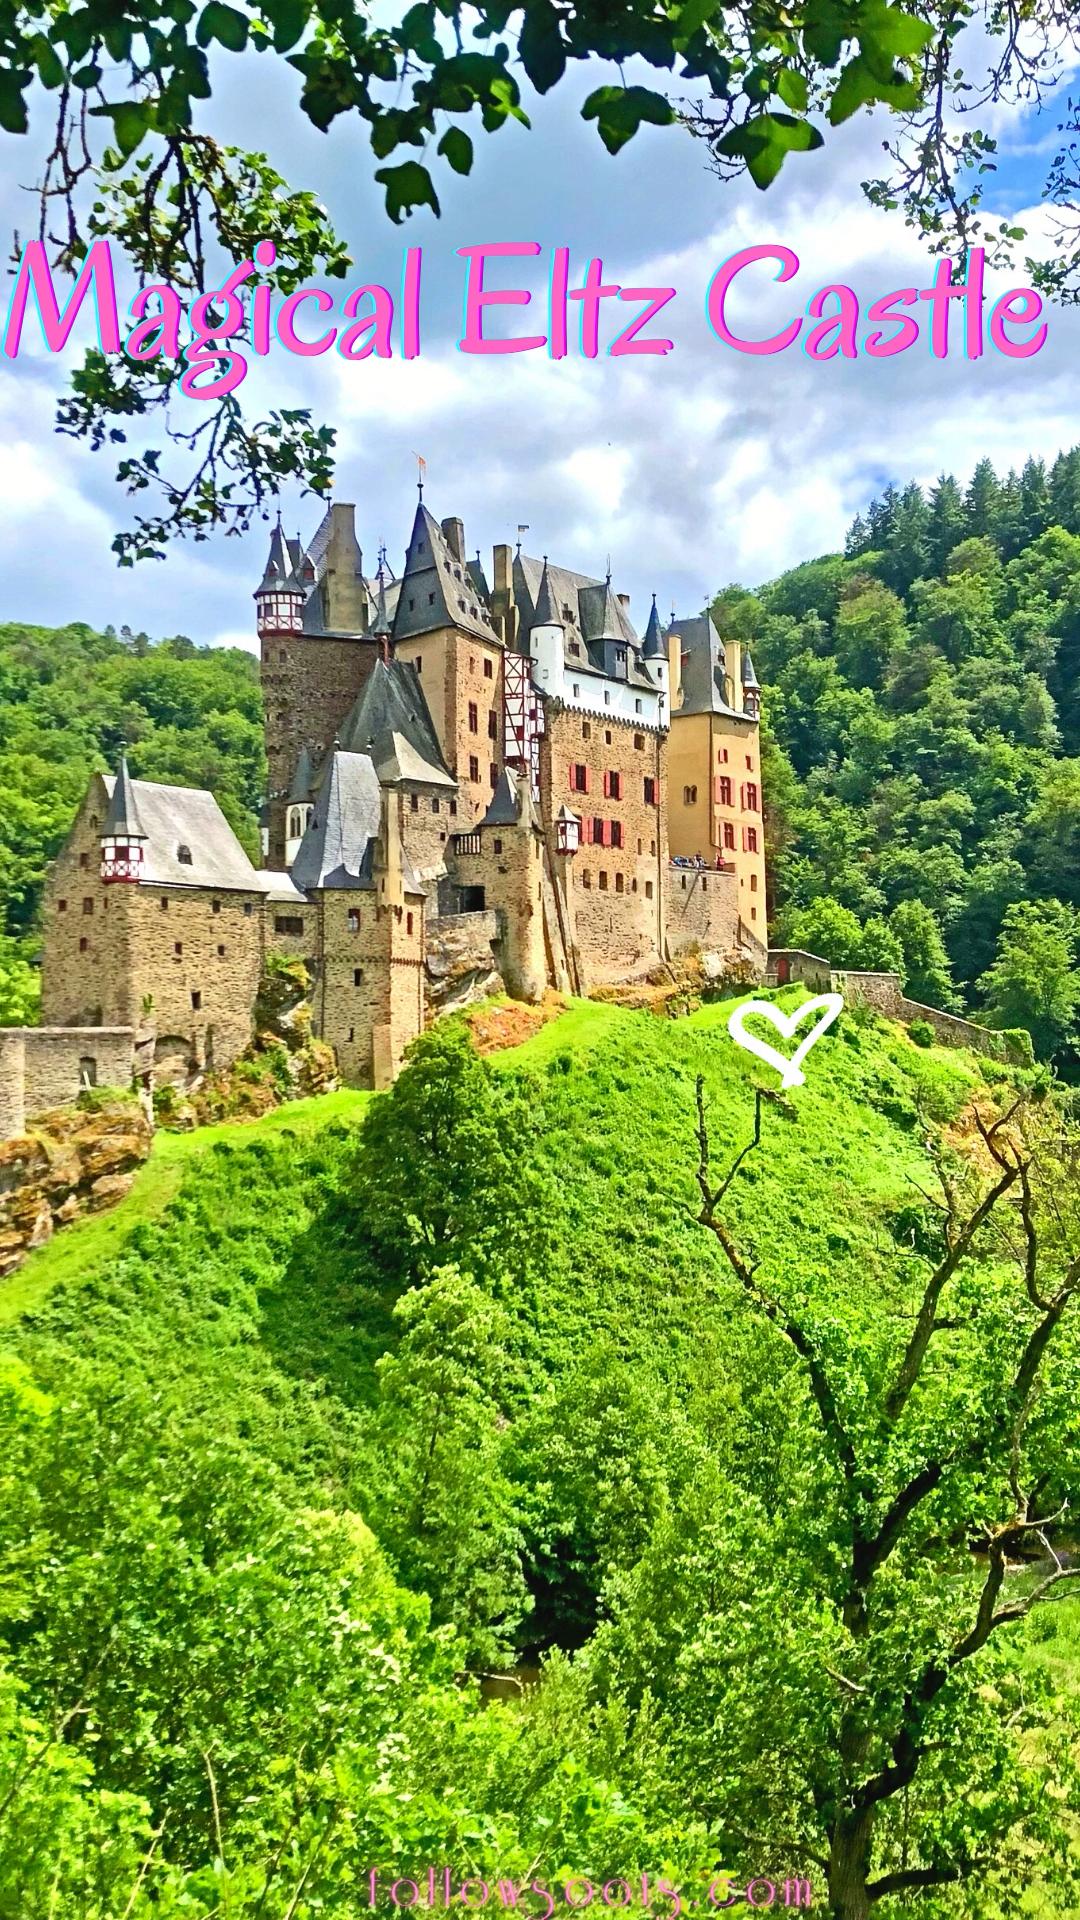 Magical Eltz Castle